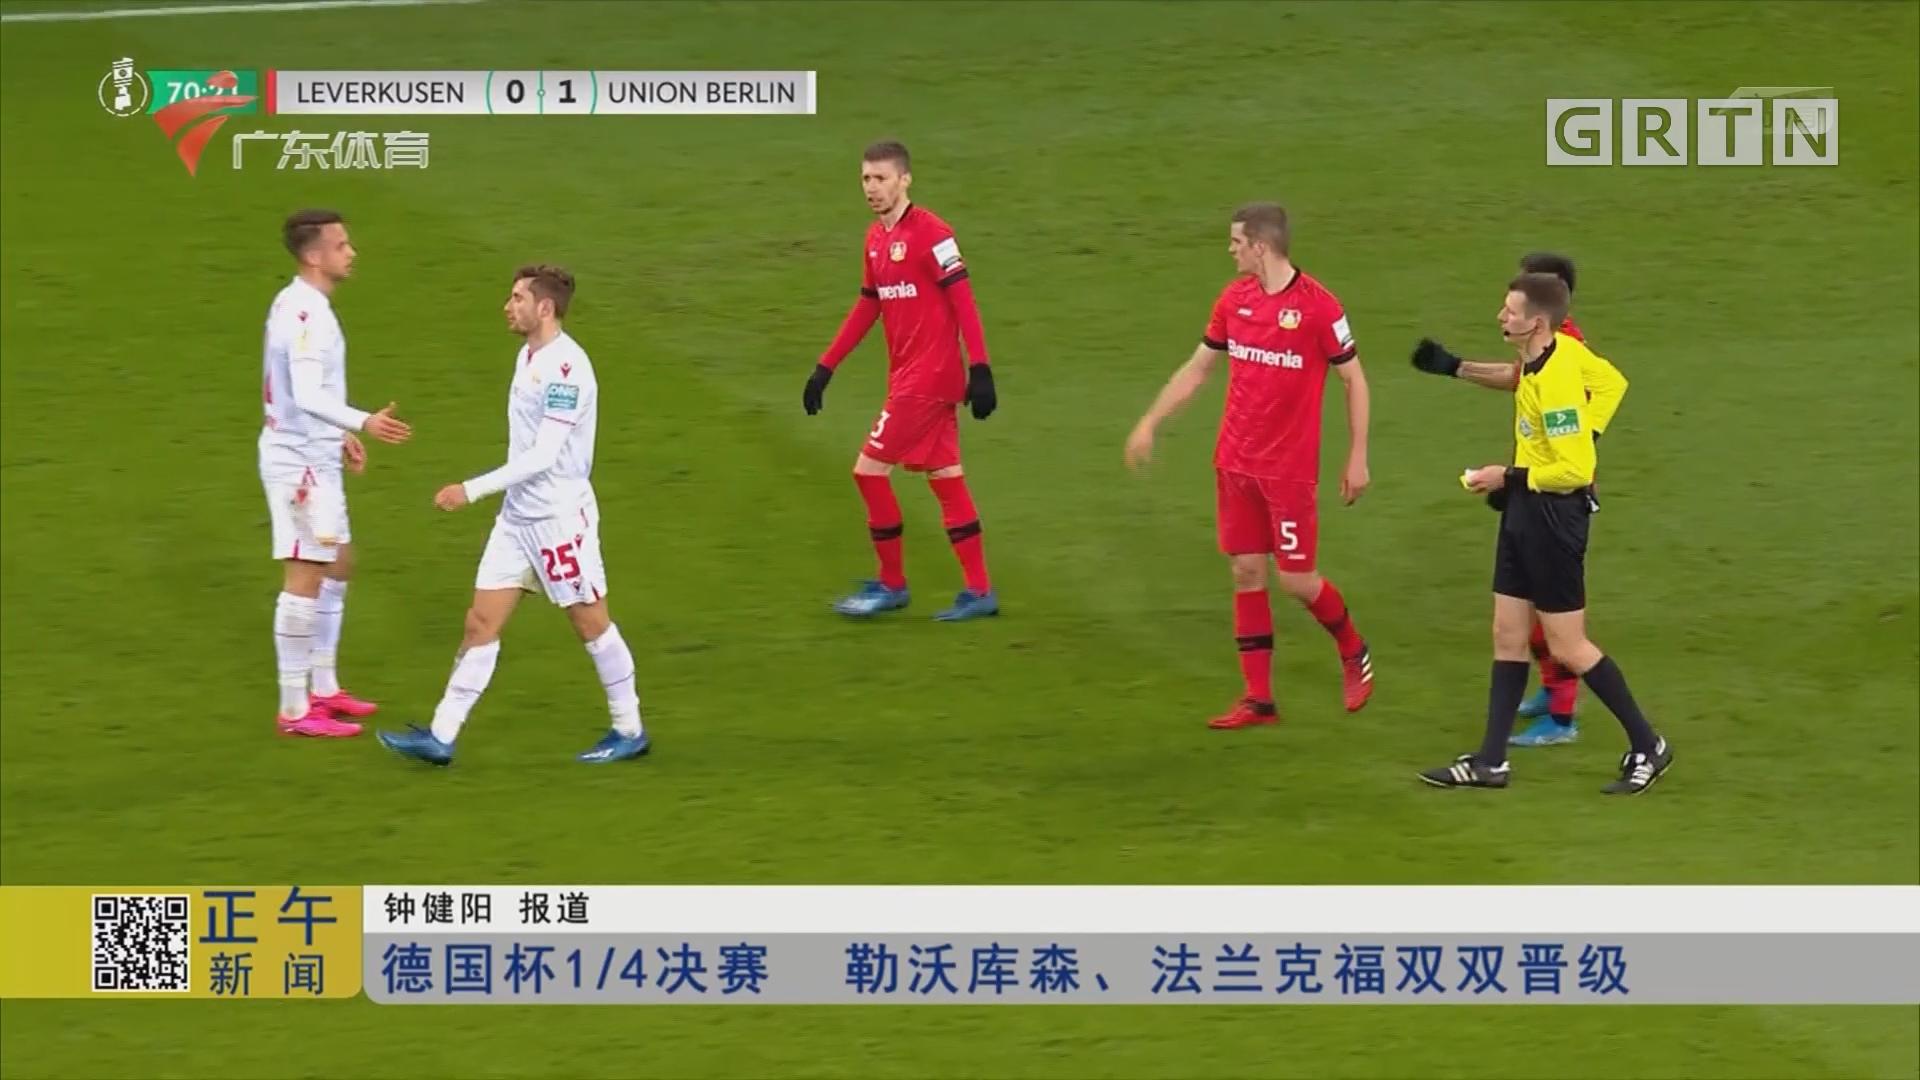 德国杯1/4决赛 勒沃库森、法兰克福双双晋级